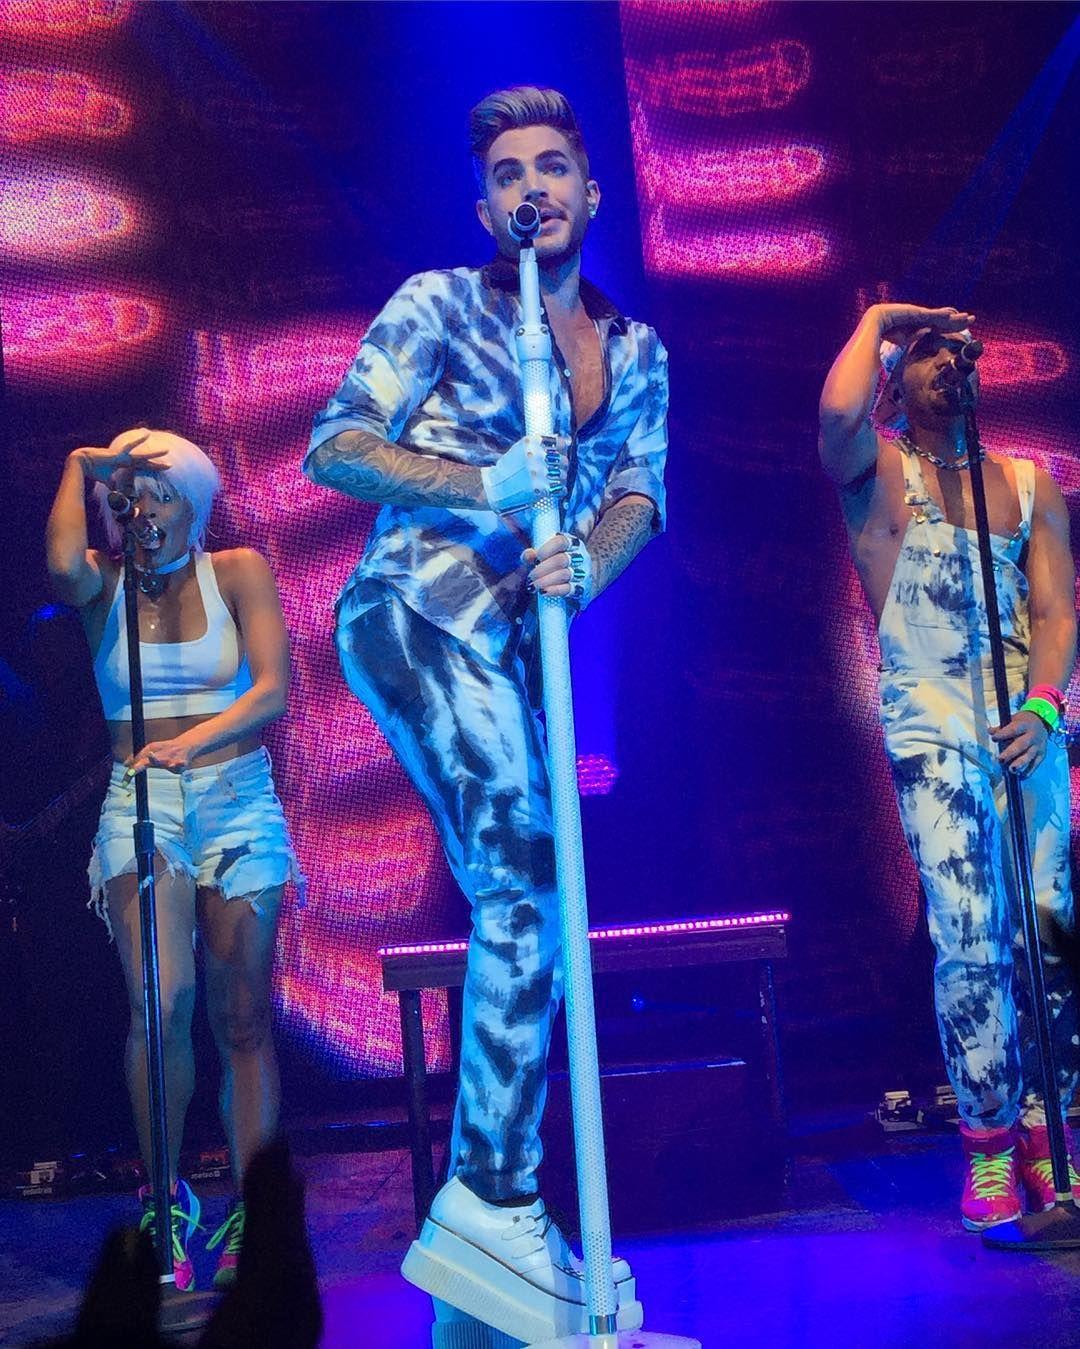 03/24/16 Adam Lambert Chicago, IL TOH Tour